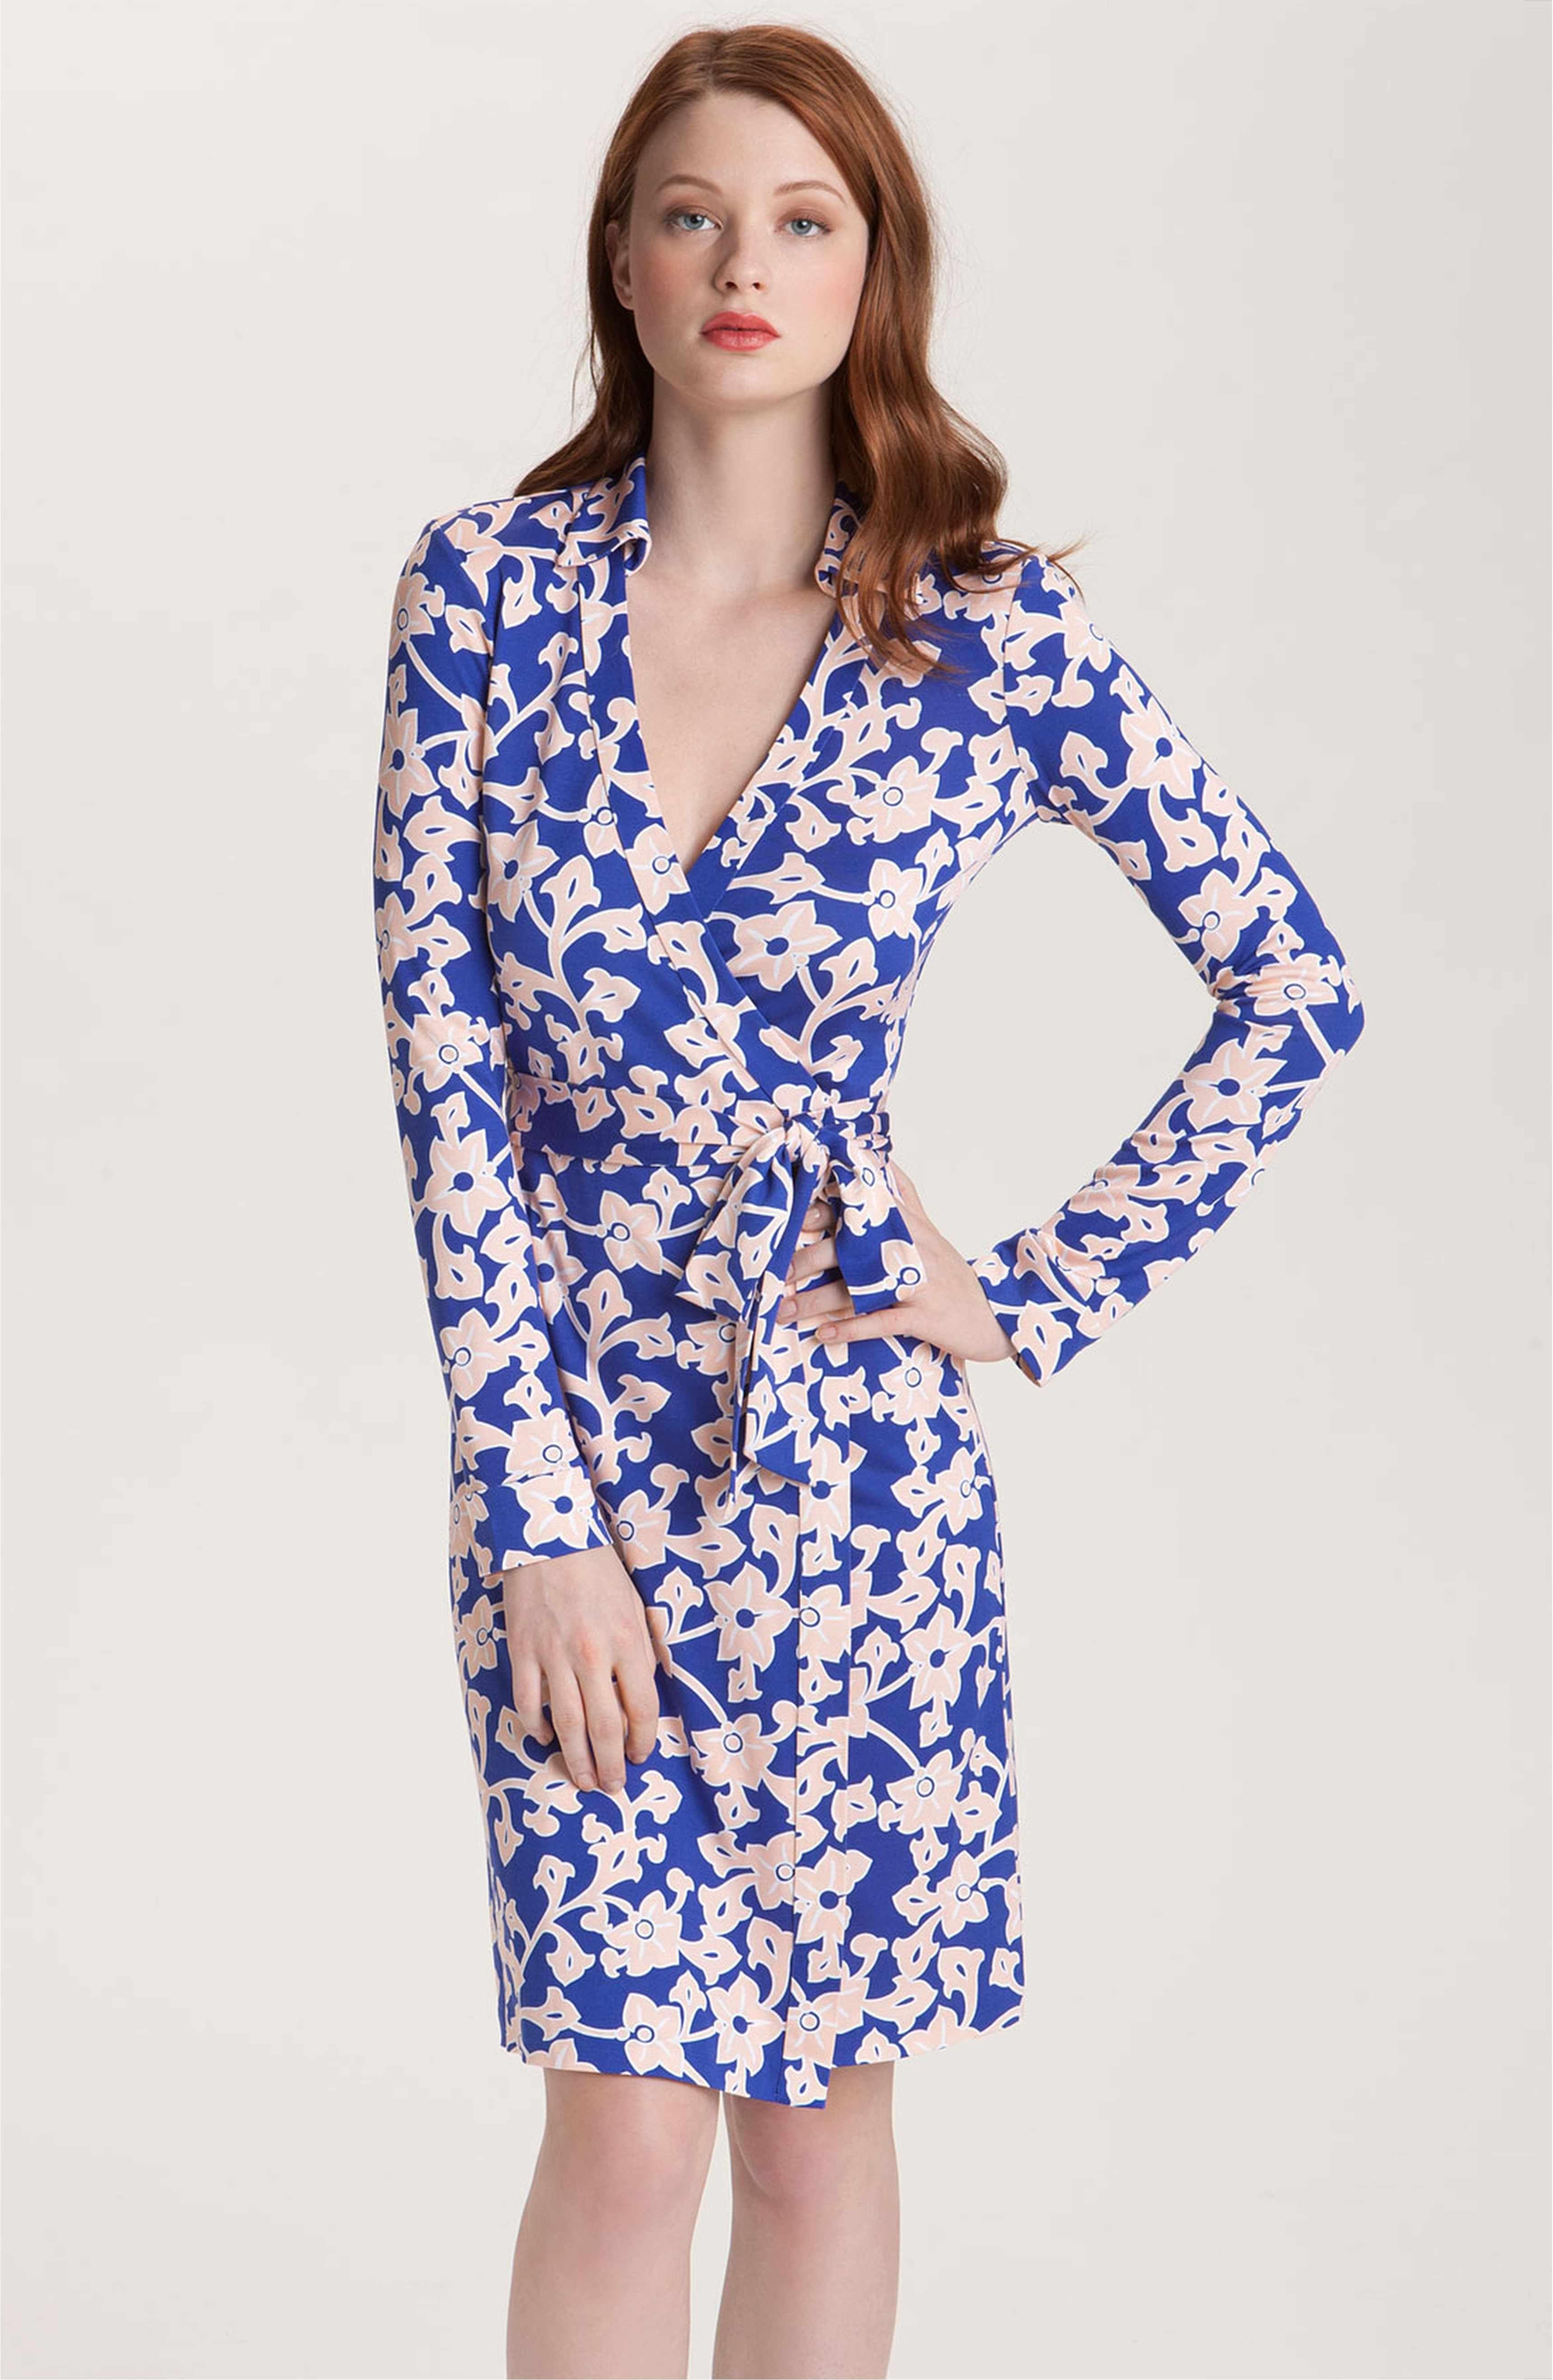 Diane Von Furstenberg New Jeanne Too Wrap Shirtdress Nordstrom Diane Von Furstenberg Diane Von Furstenberg Wrap Dress Silk Wrap Dresses [ 5272 x 3440 Pixel ]